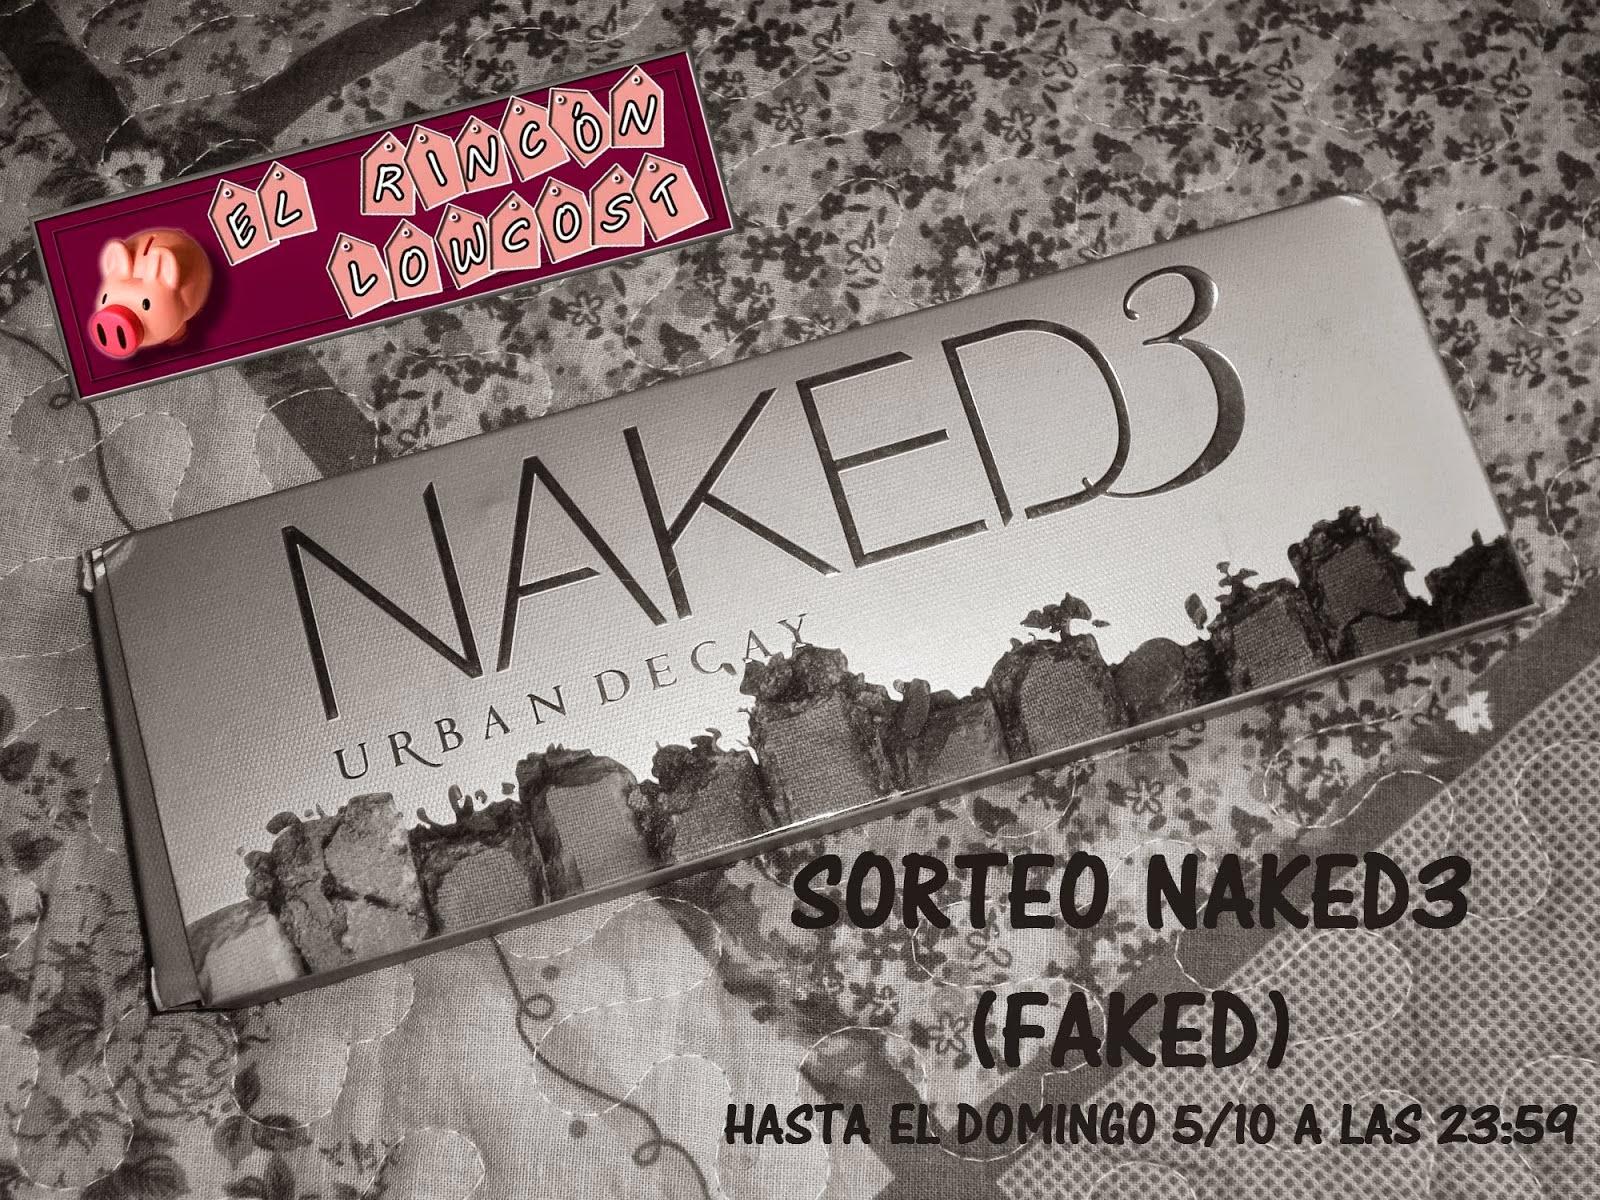 Sorteo paleta Naked3 (faked)